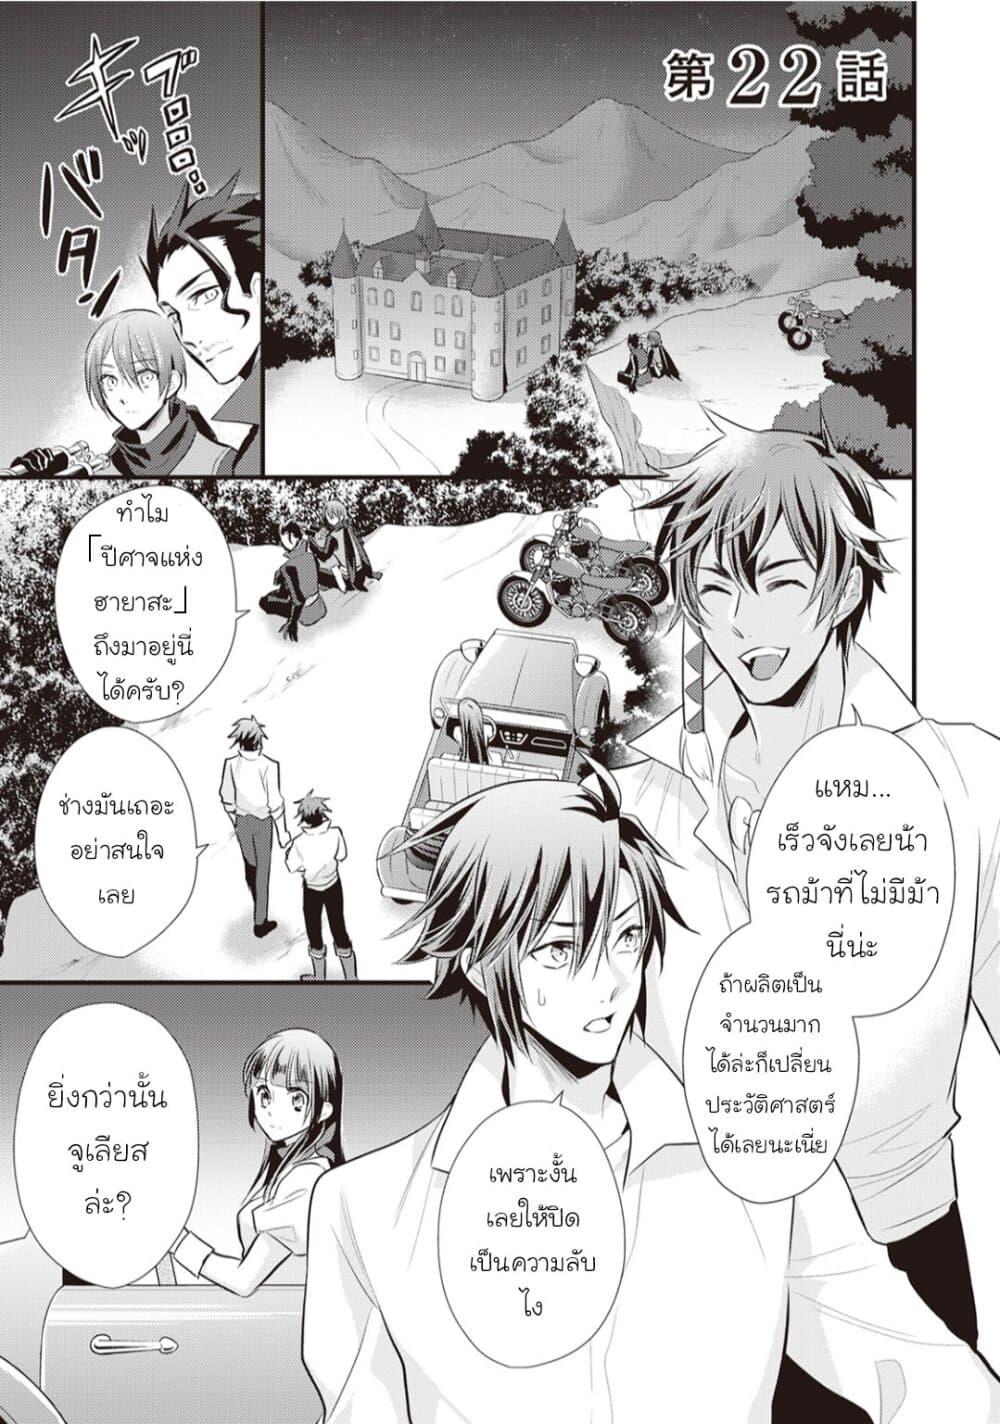 อ่านการ์ตูน Daites Ryou Koubouki ตอนที่ 22 หน้าที่ 1